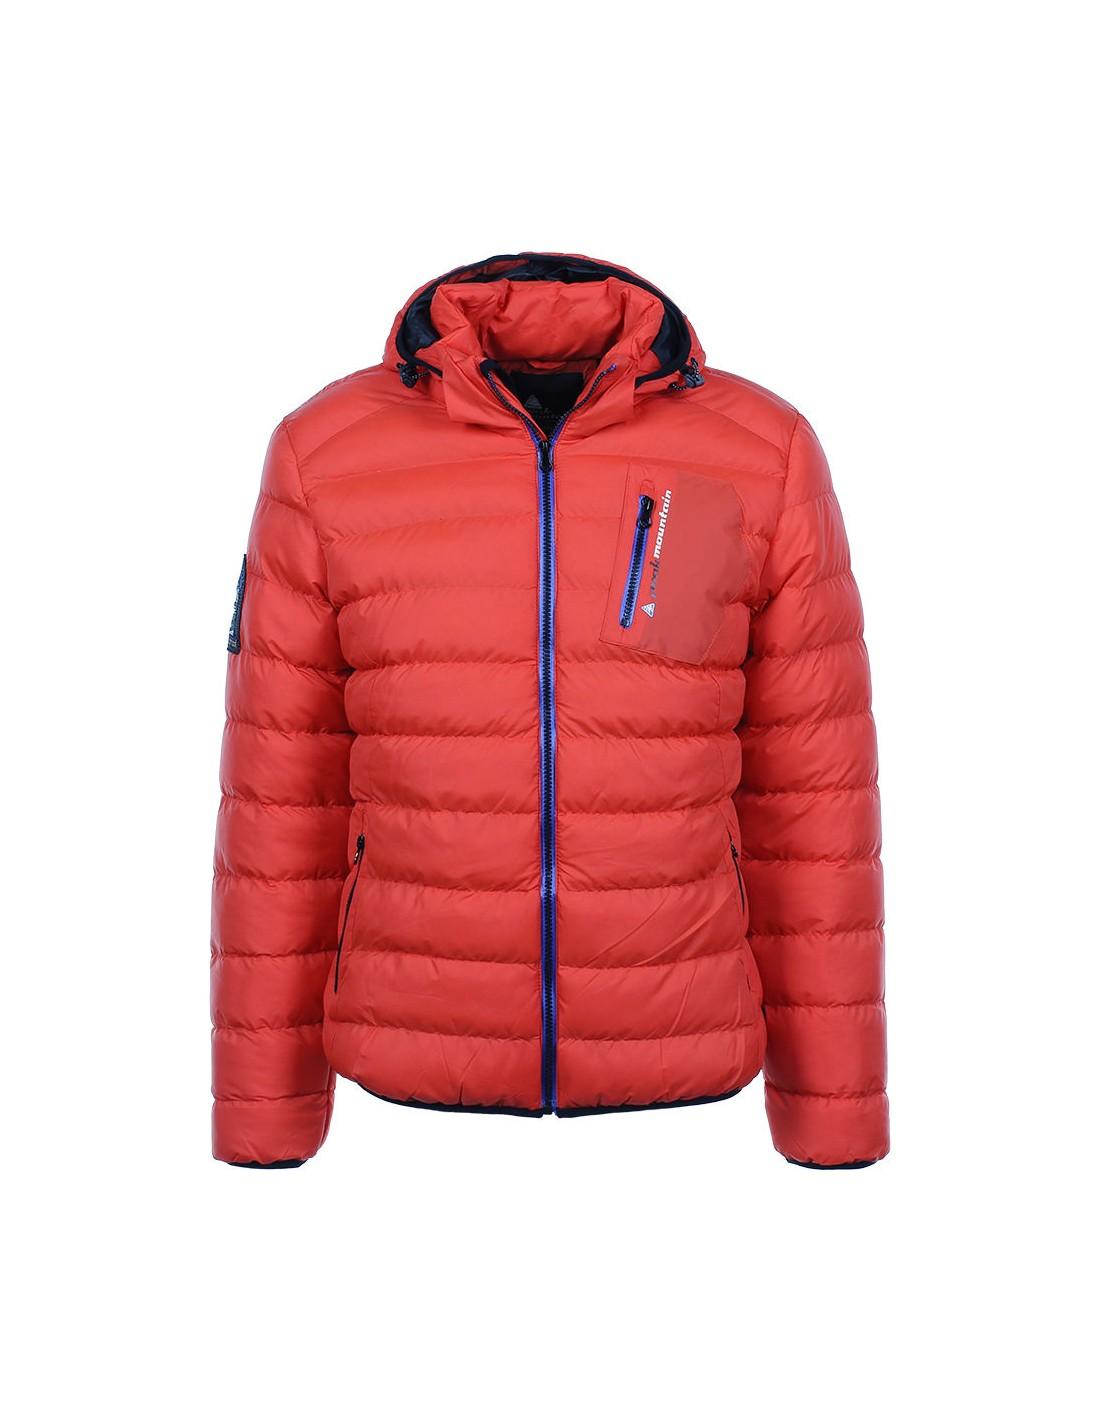 ca75d556818 doudoune-skiwear-homme-carfou-peak-moutain